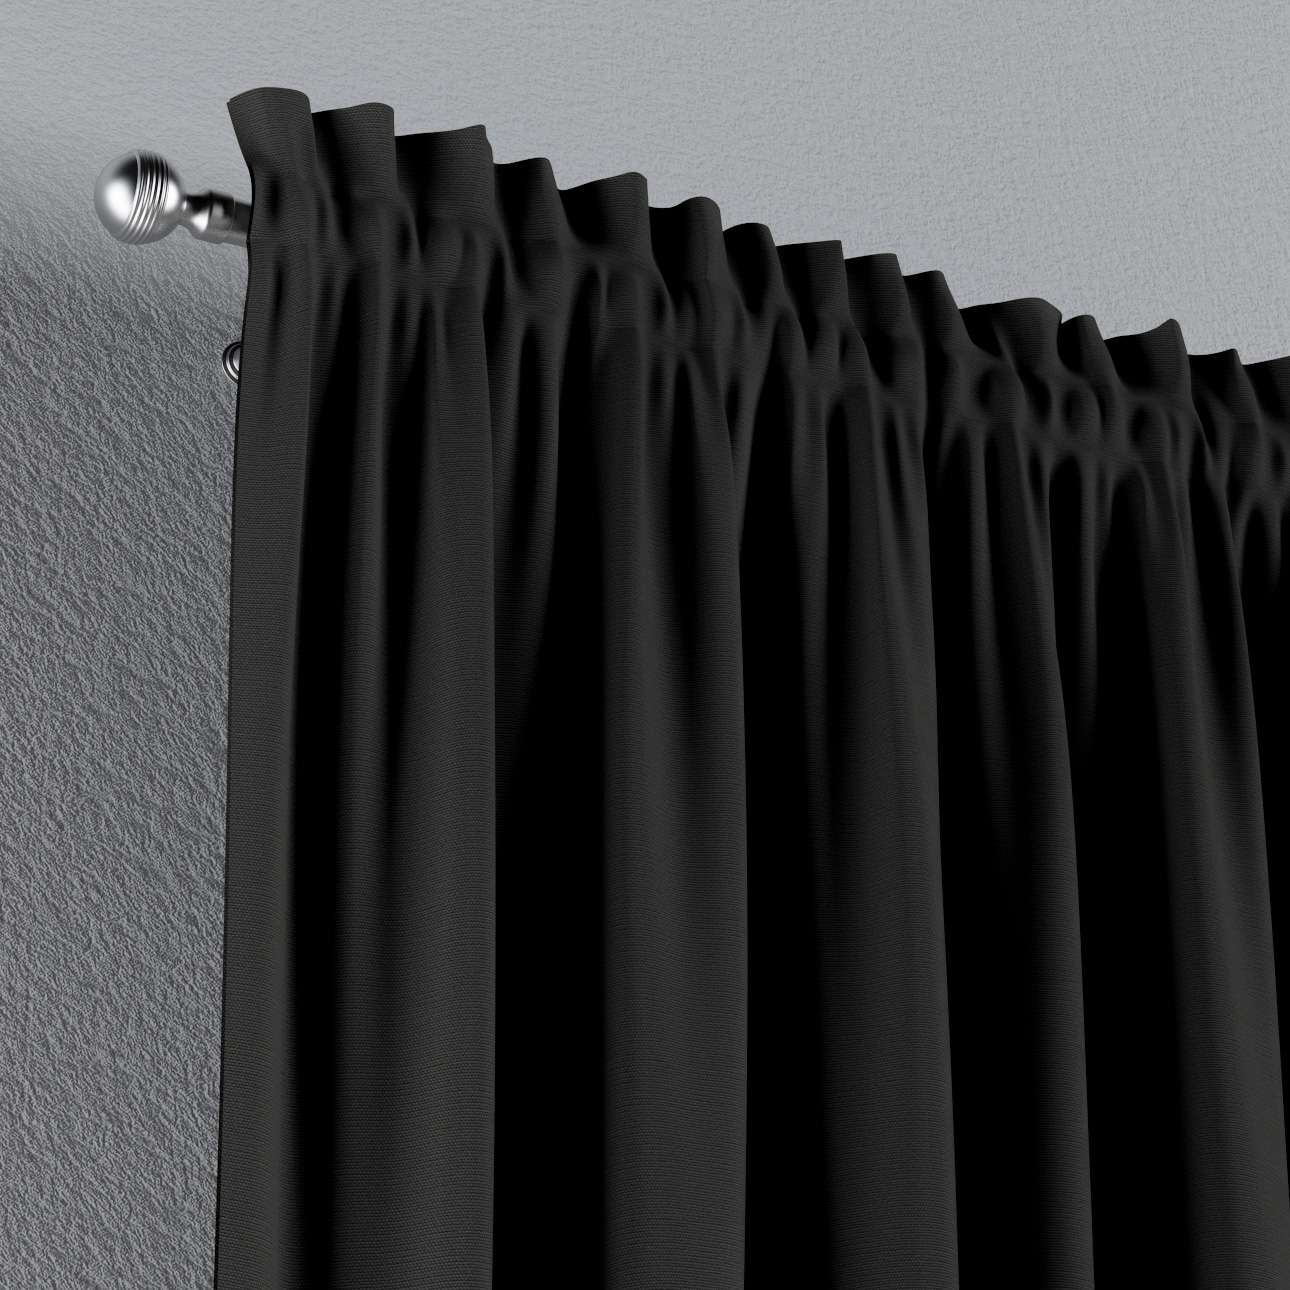 Vorhang mit Tunnel und Köpfchen 1 Stck. 130 x 260 cm von der Kollektion Cotton Panama, Stoff: 702-08